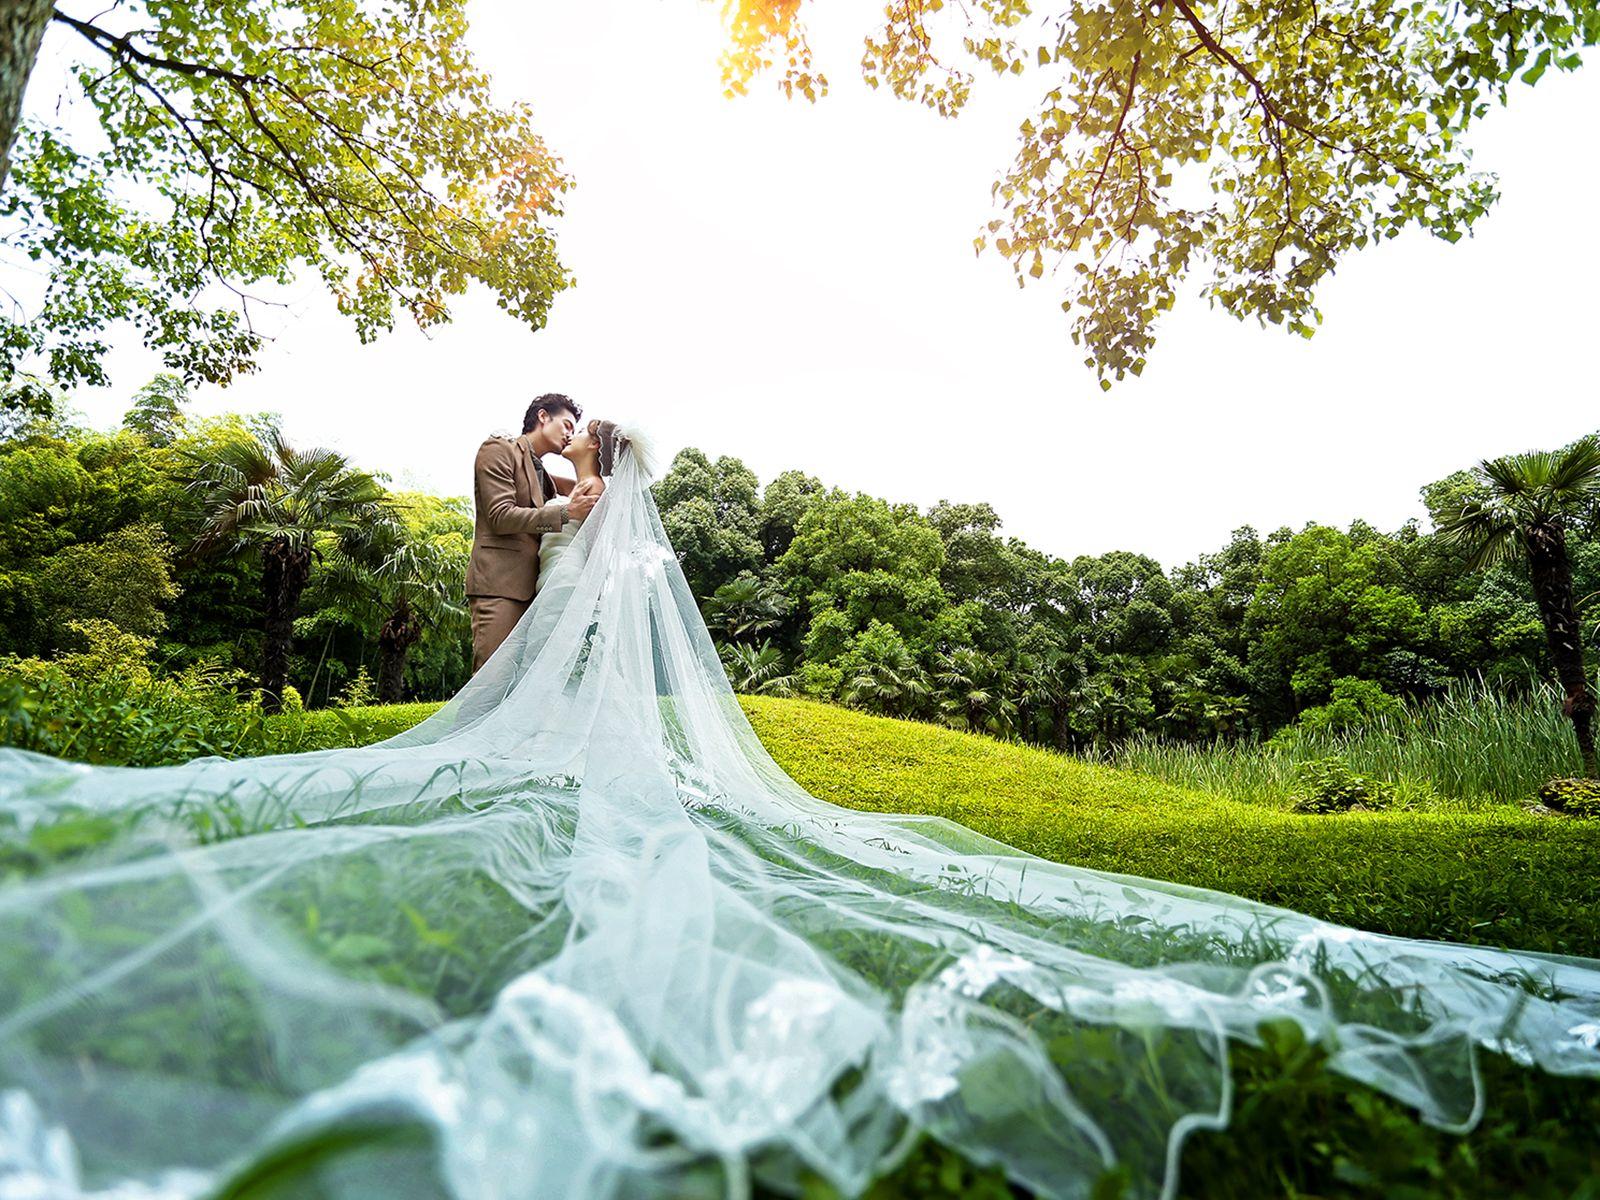 花漾婚庆婚纱摄影